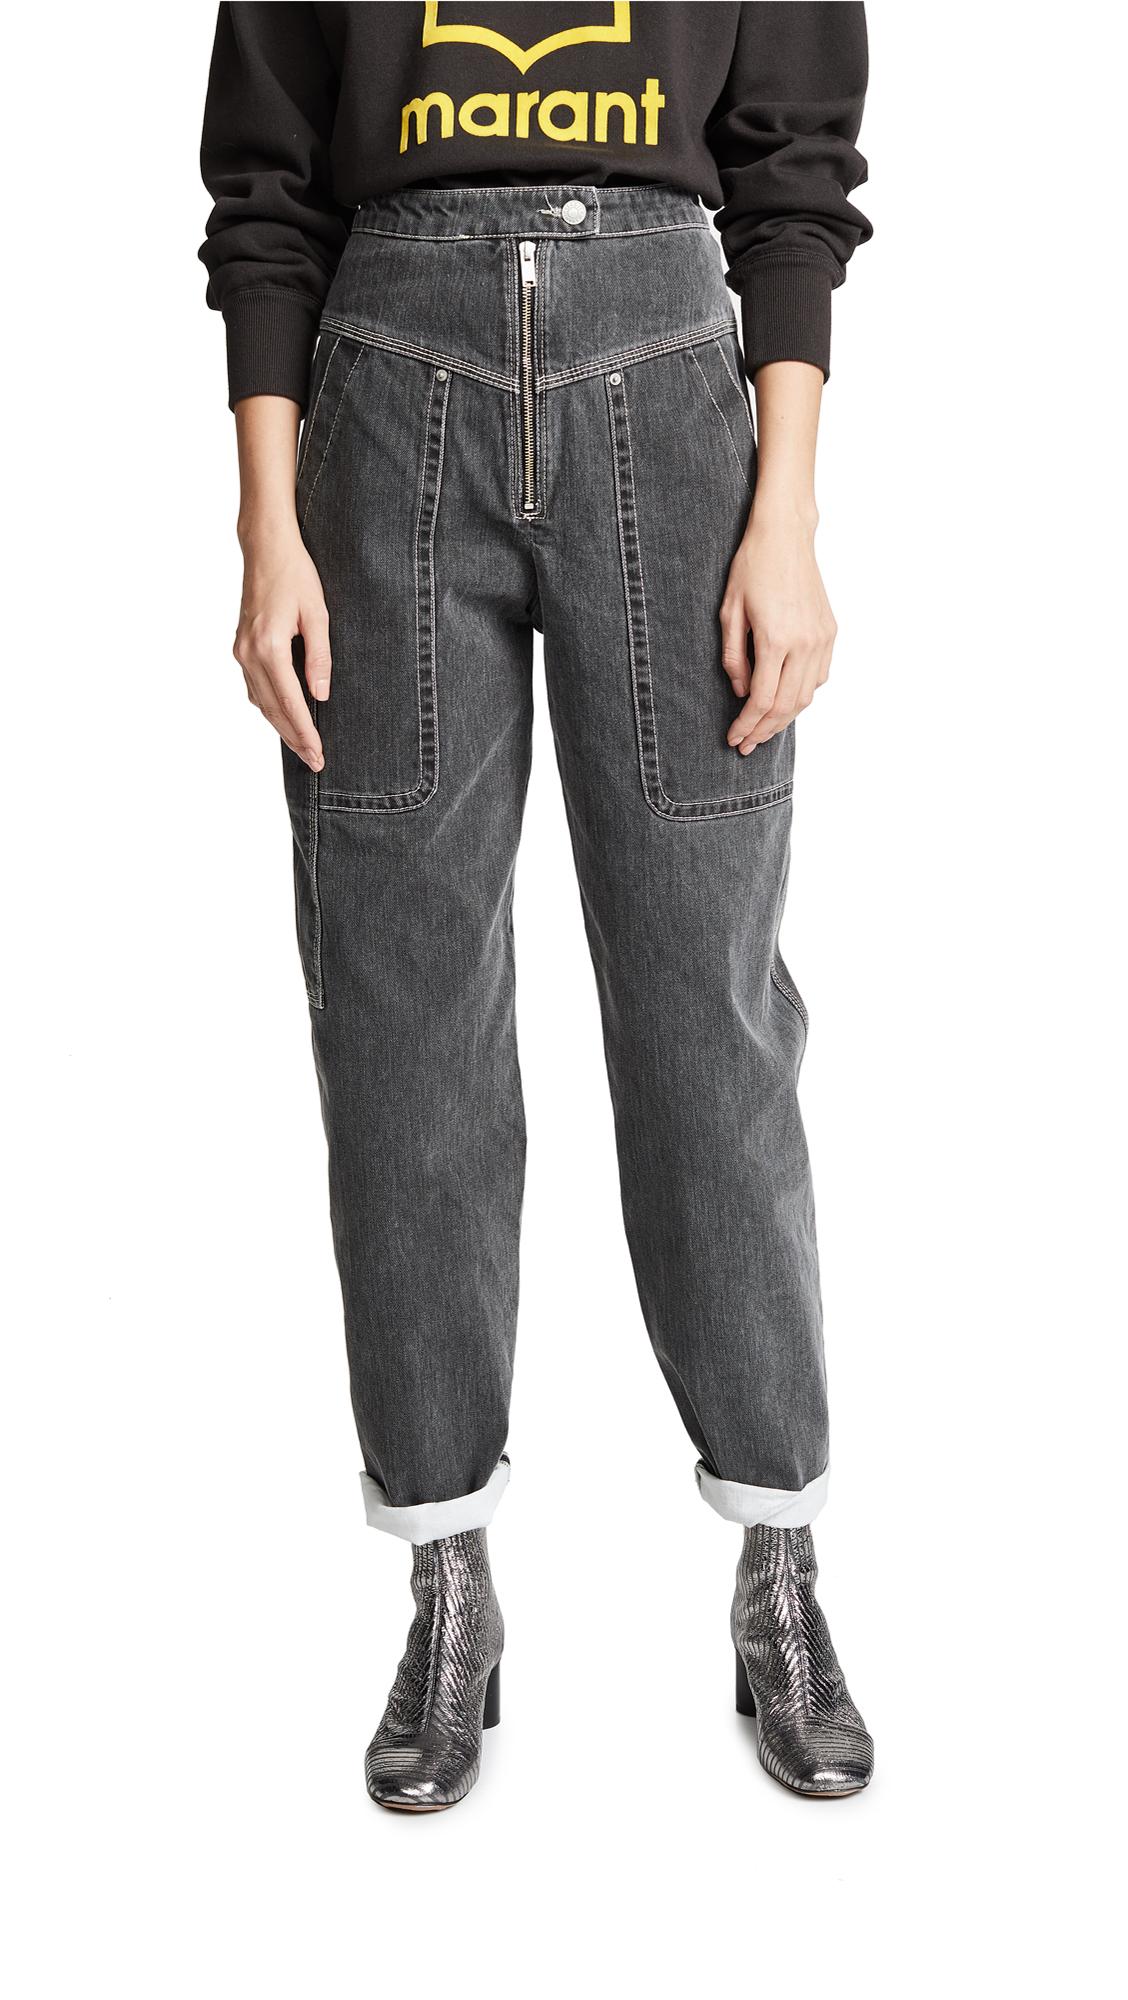 Isabel Marant Etoile Iuke Jeans - Faded Black